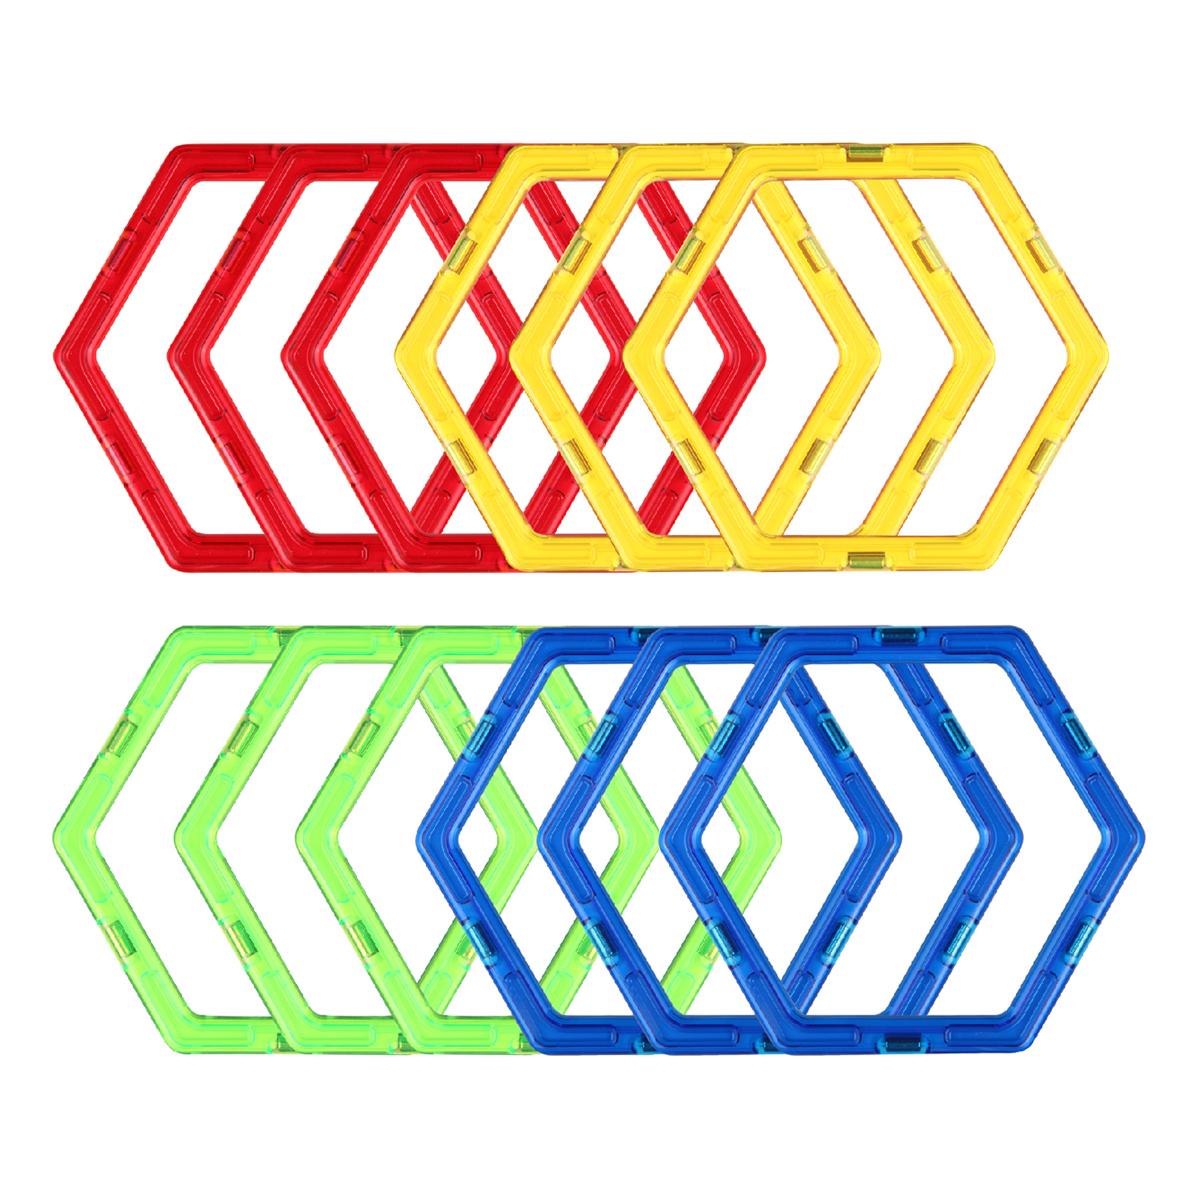 マグ・フォーマー六角形12ピース